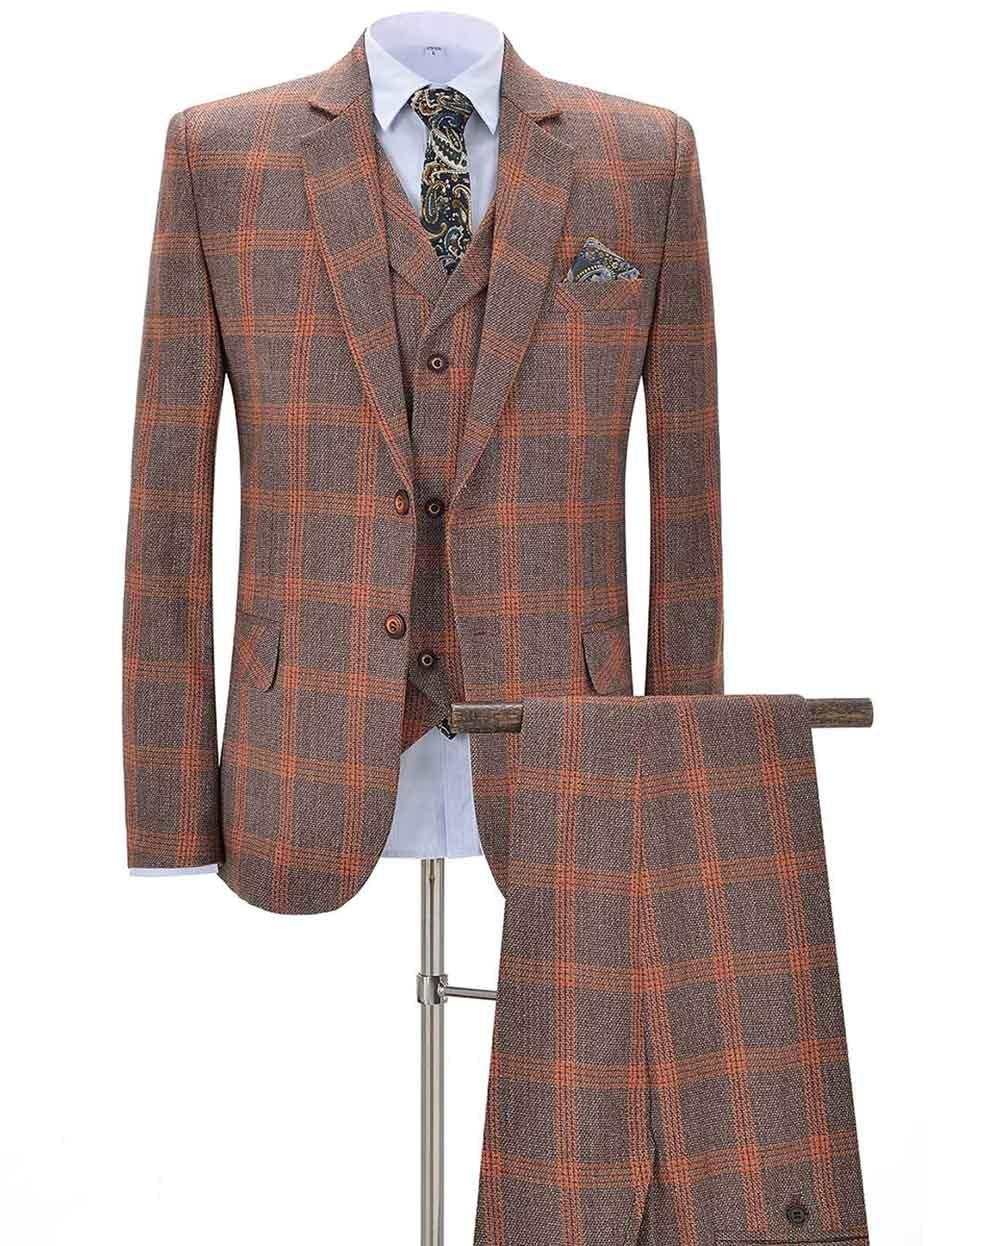 2020 New Orange Men's Plaid Suits 3 Pieces Formal Notch Lapel Business Tuxedos Groomsmen For Wedding(Blazer+vest+Pants)